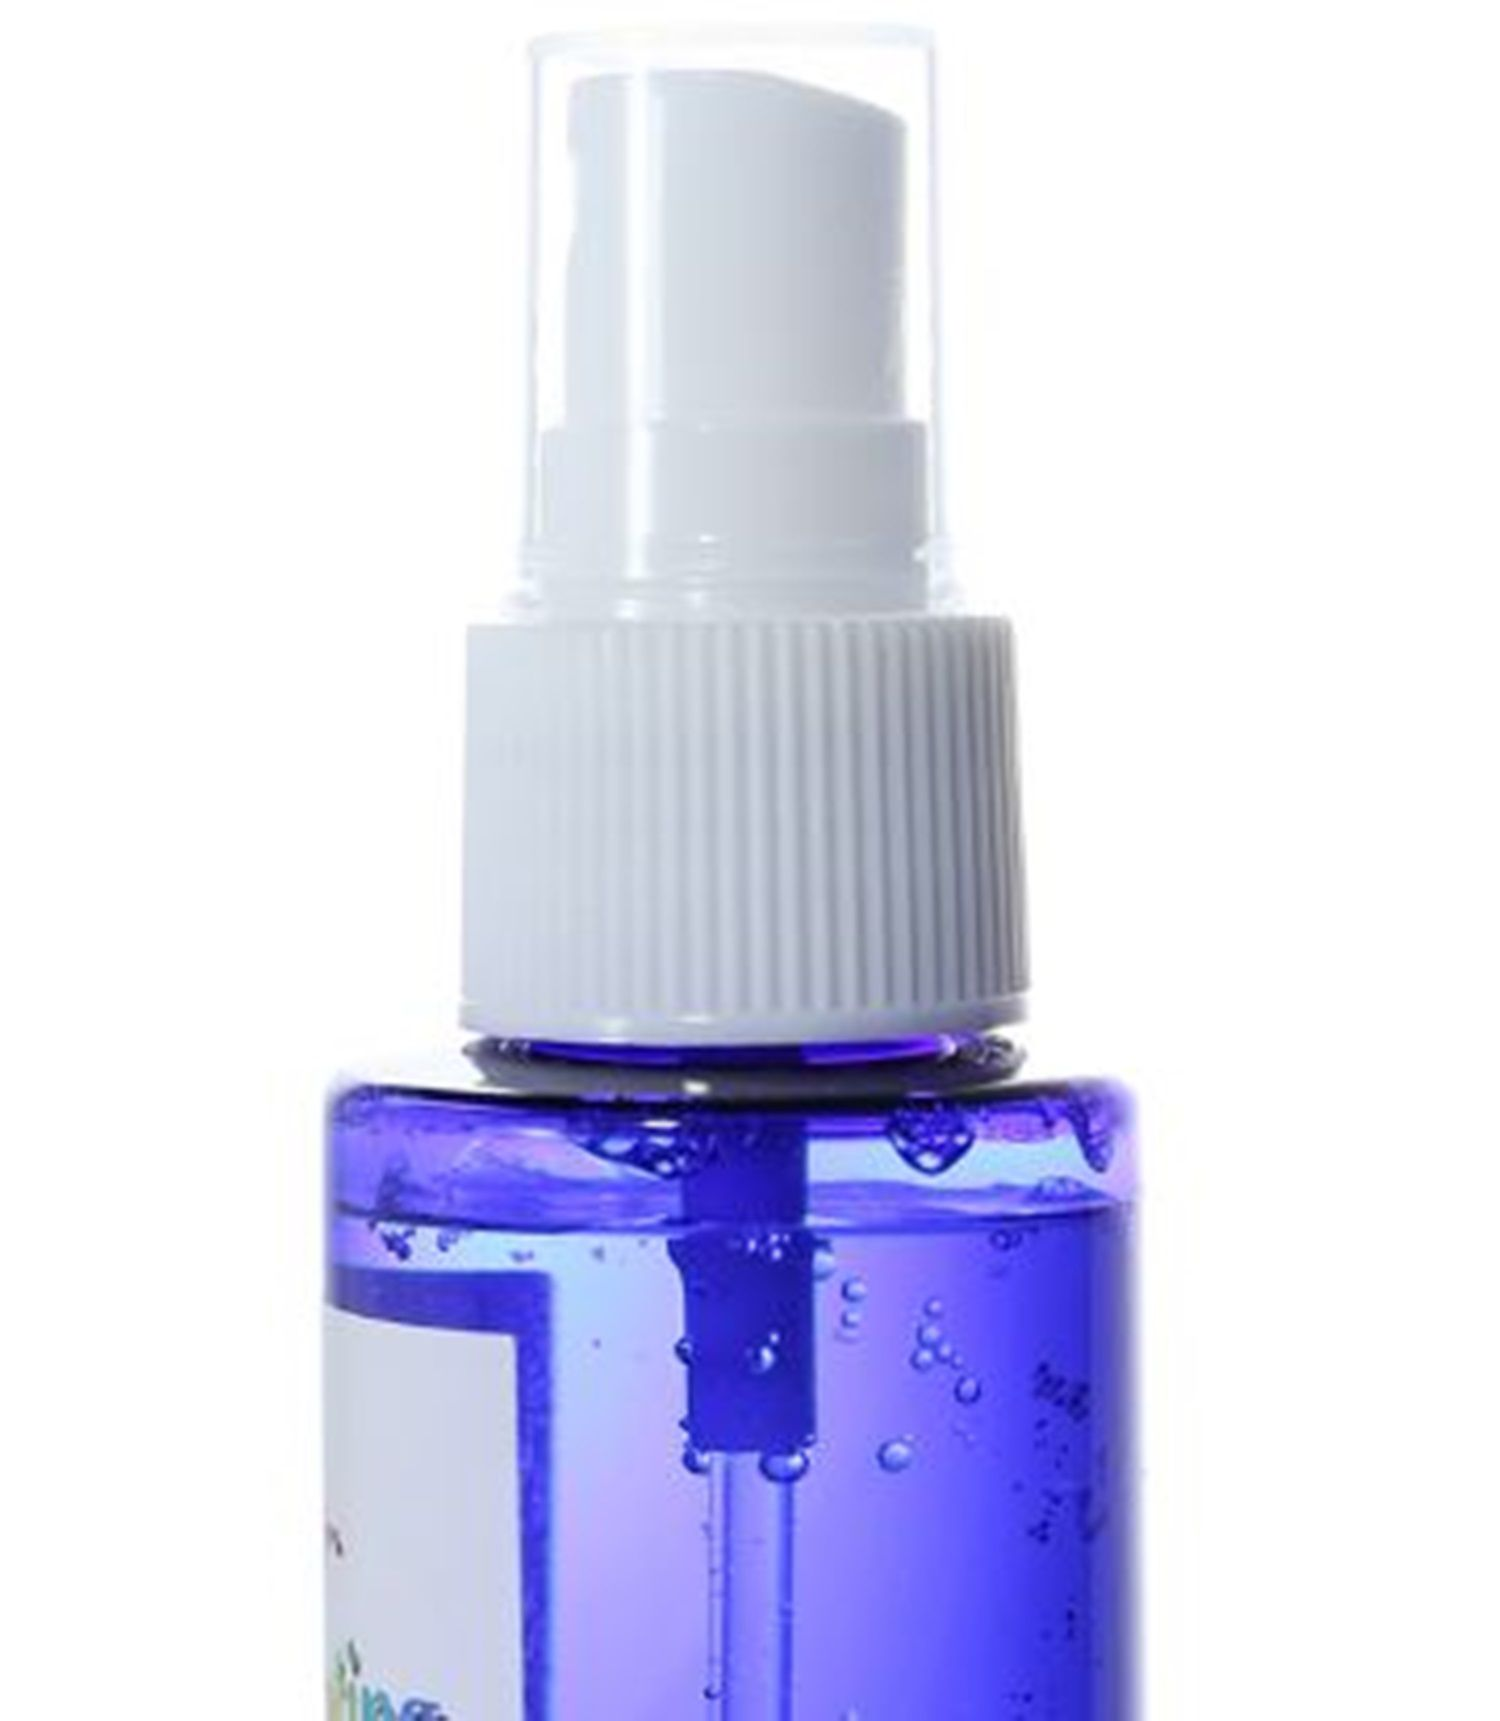 Limpador Higienizador De Extensão De Cílios 60ml Alongamento De Cílios